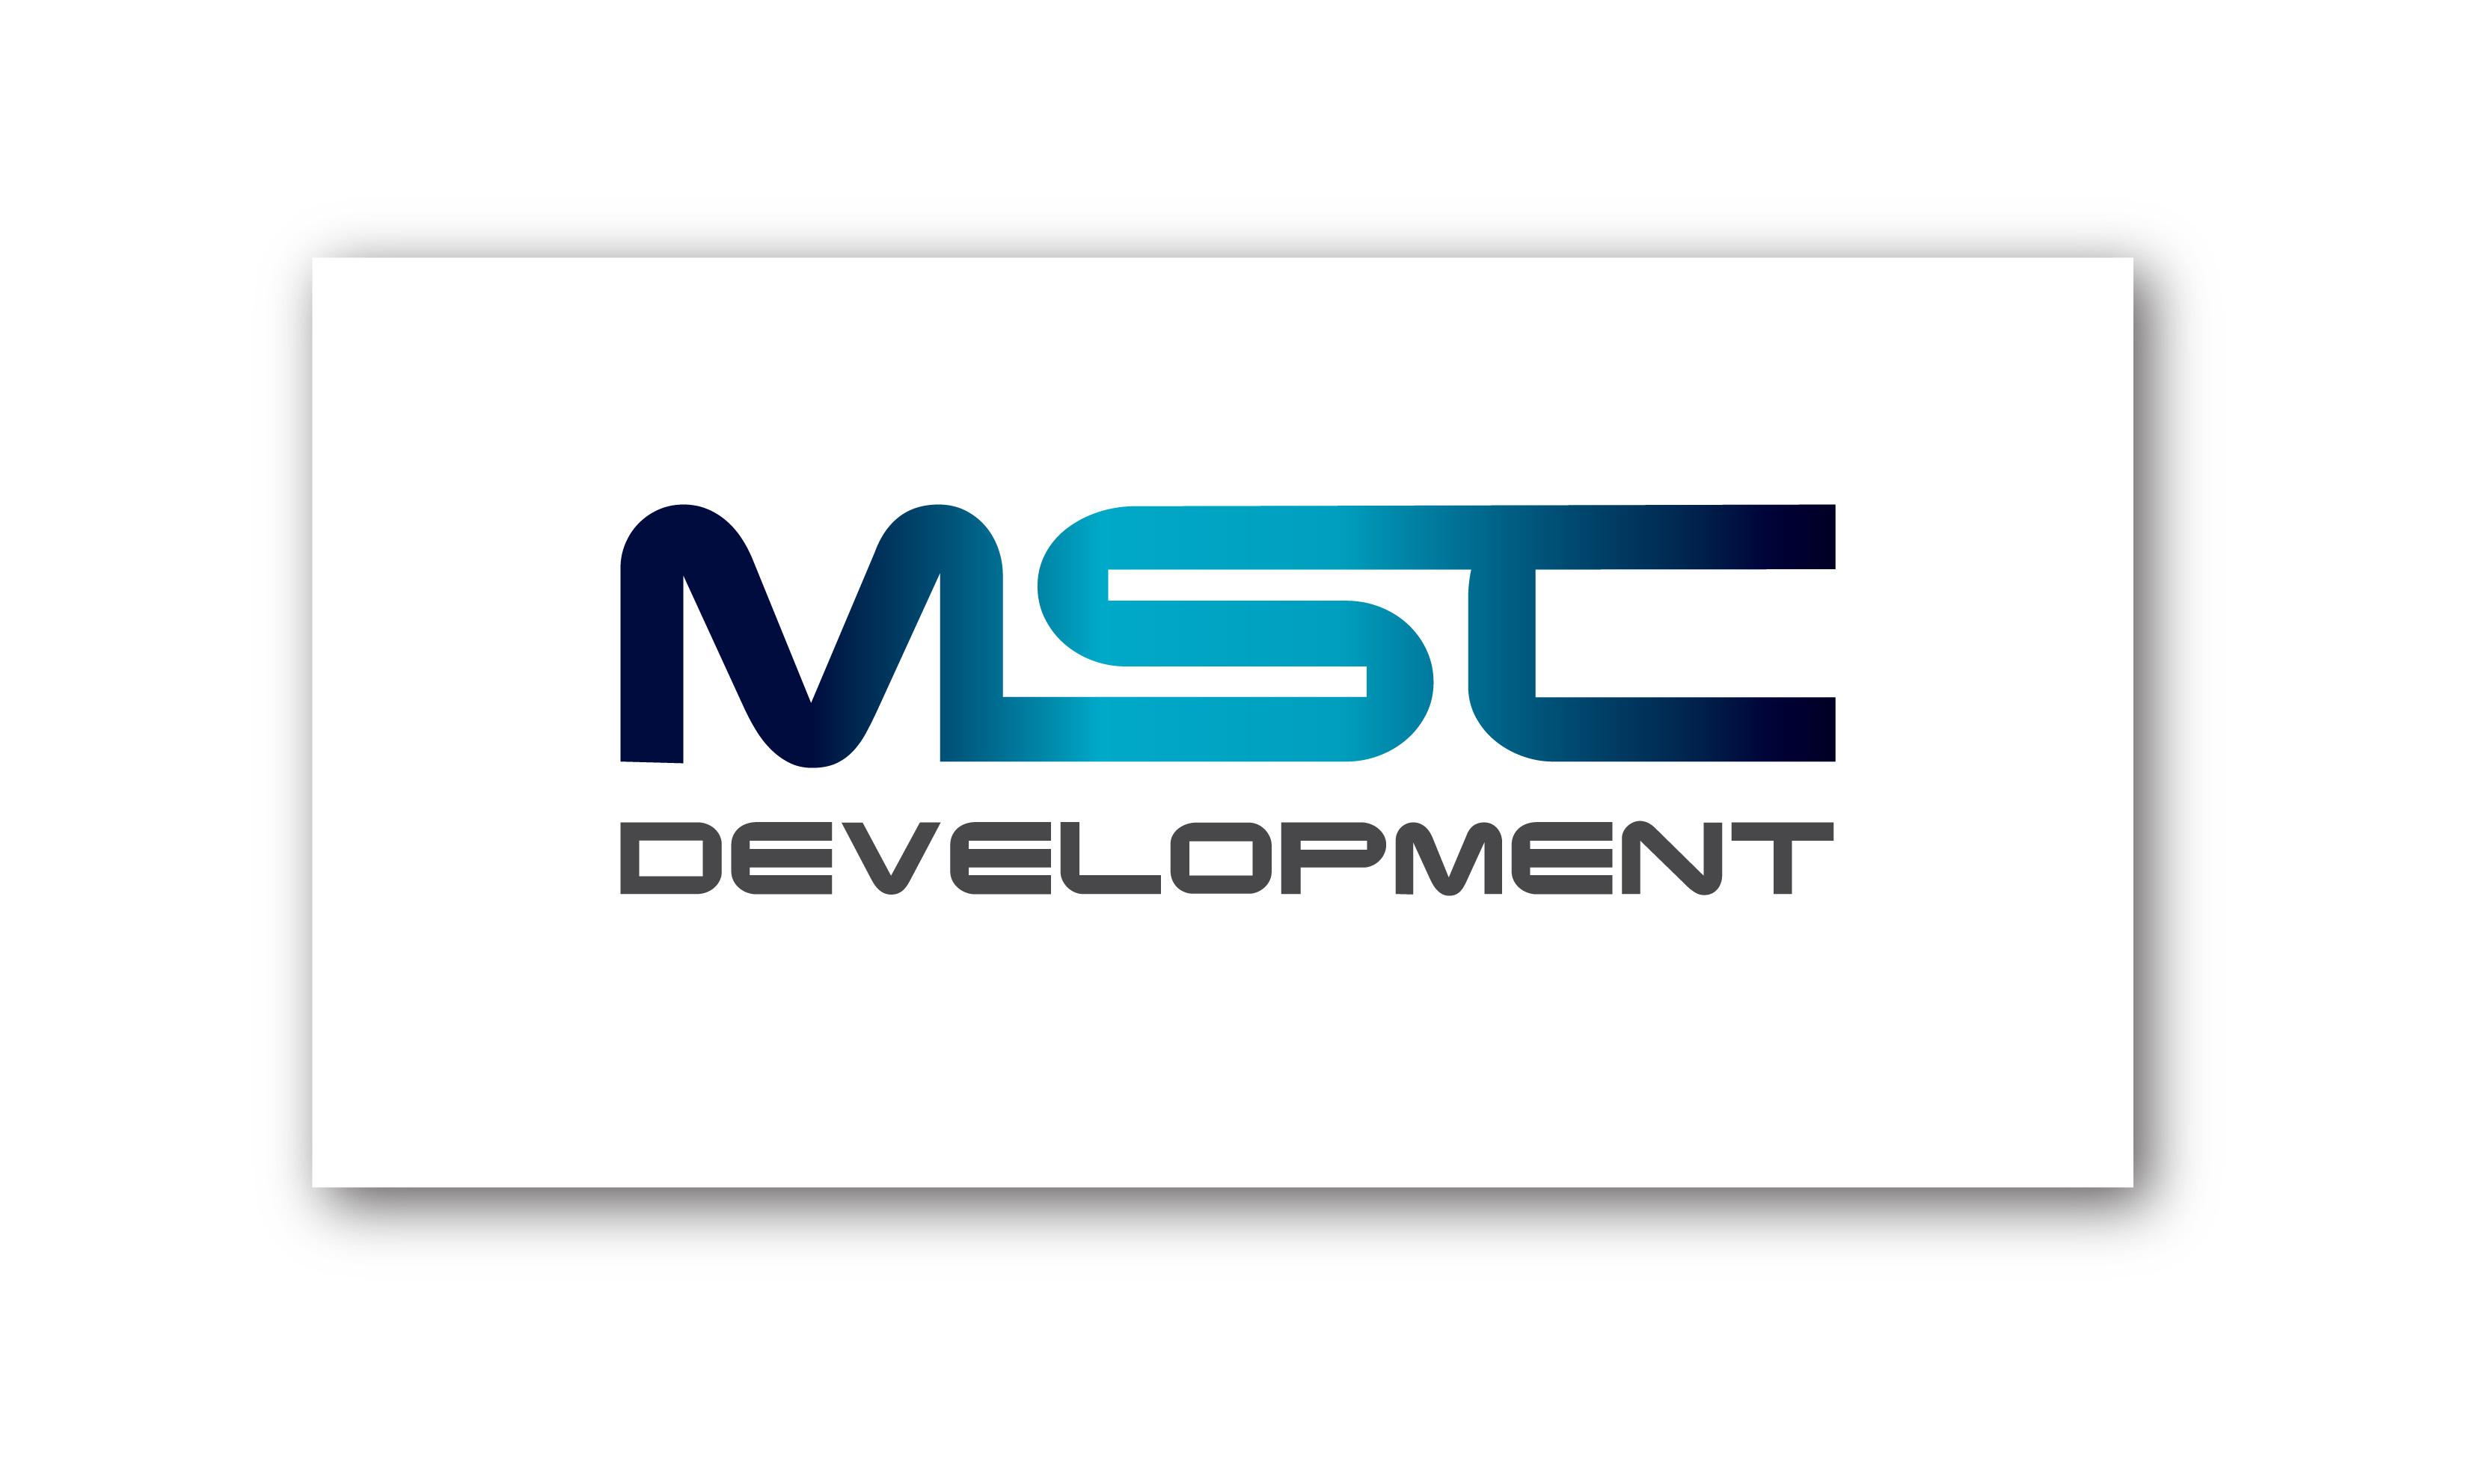 Разработка логотипа фото f_4e74d4c3be9f0.jpg